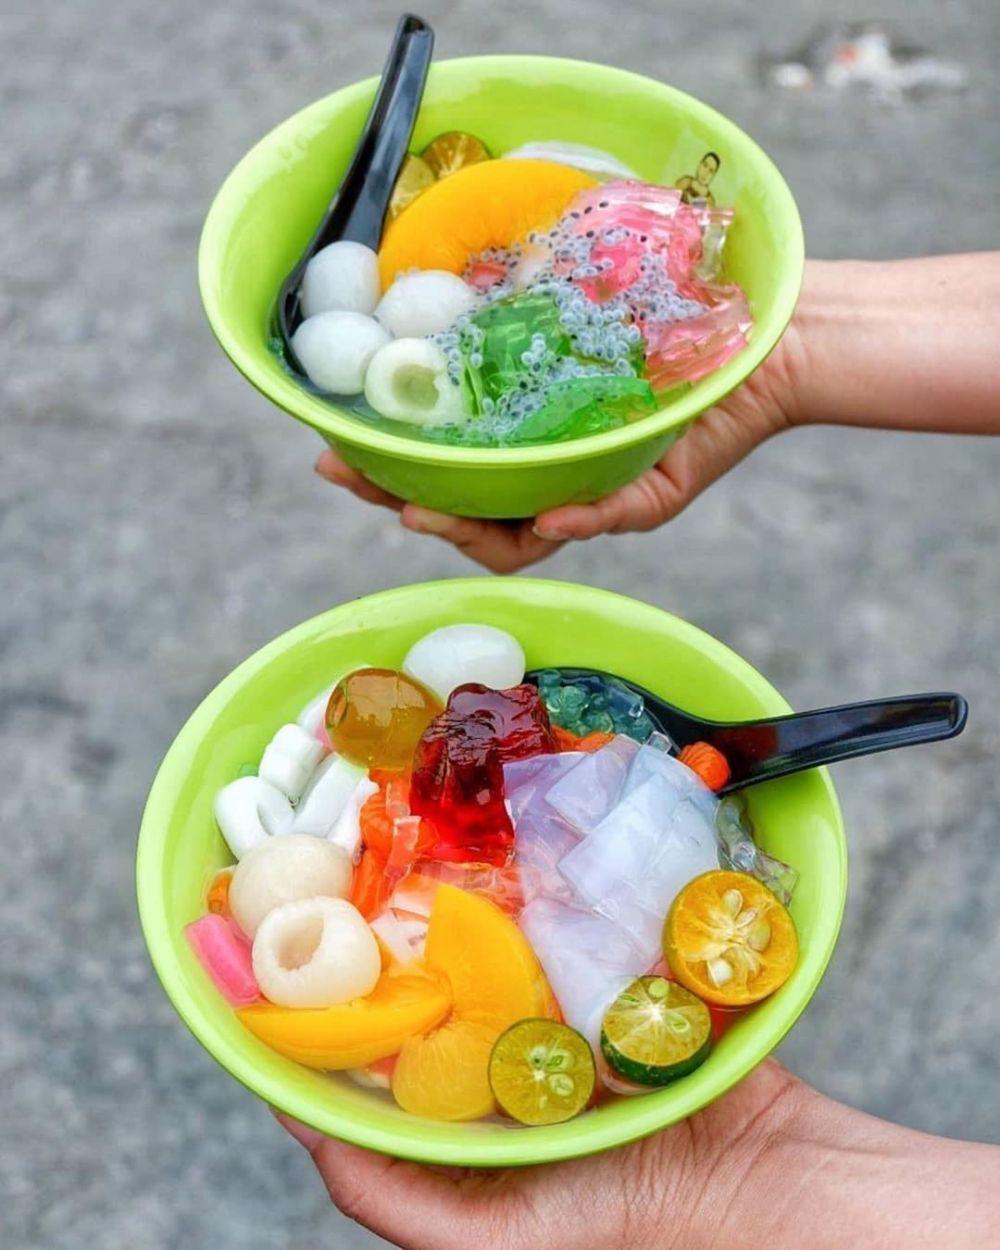 Resep Cara Membuat Es campur jelly